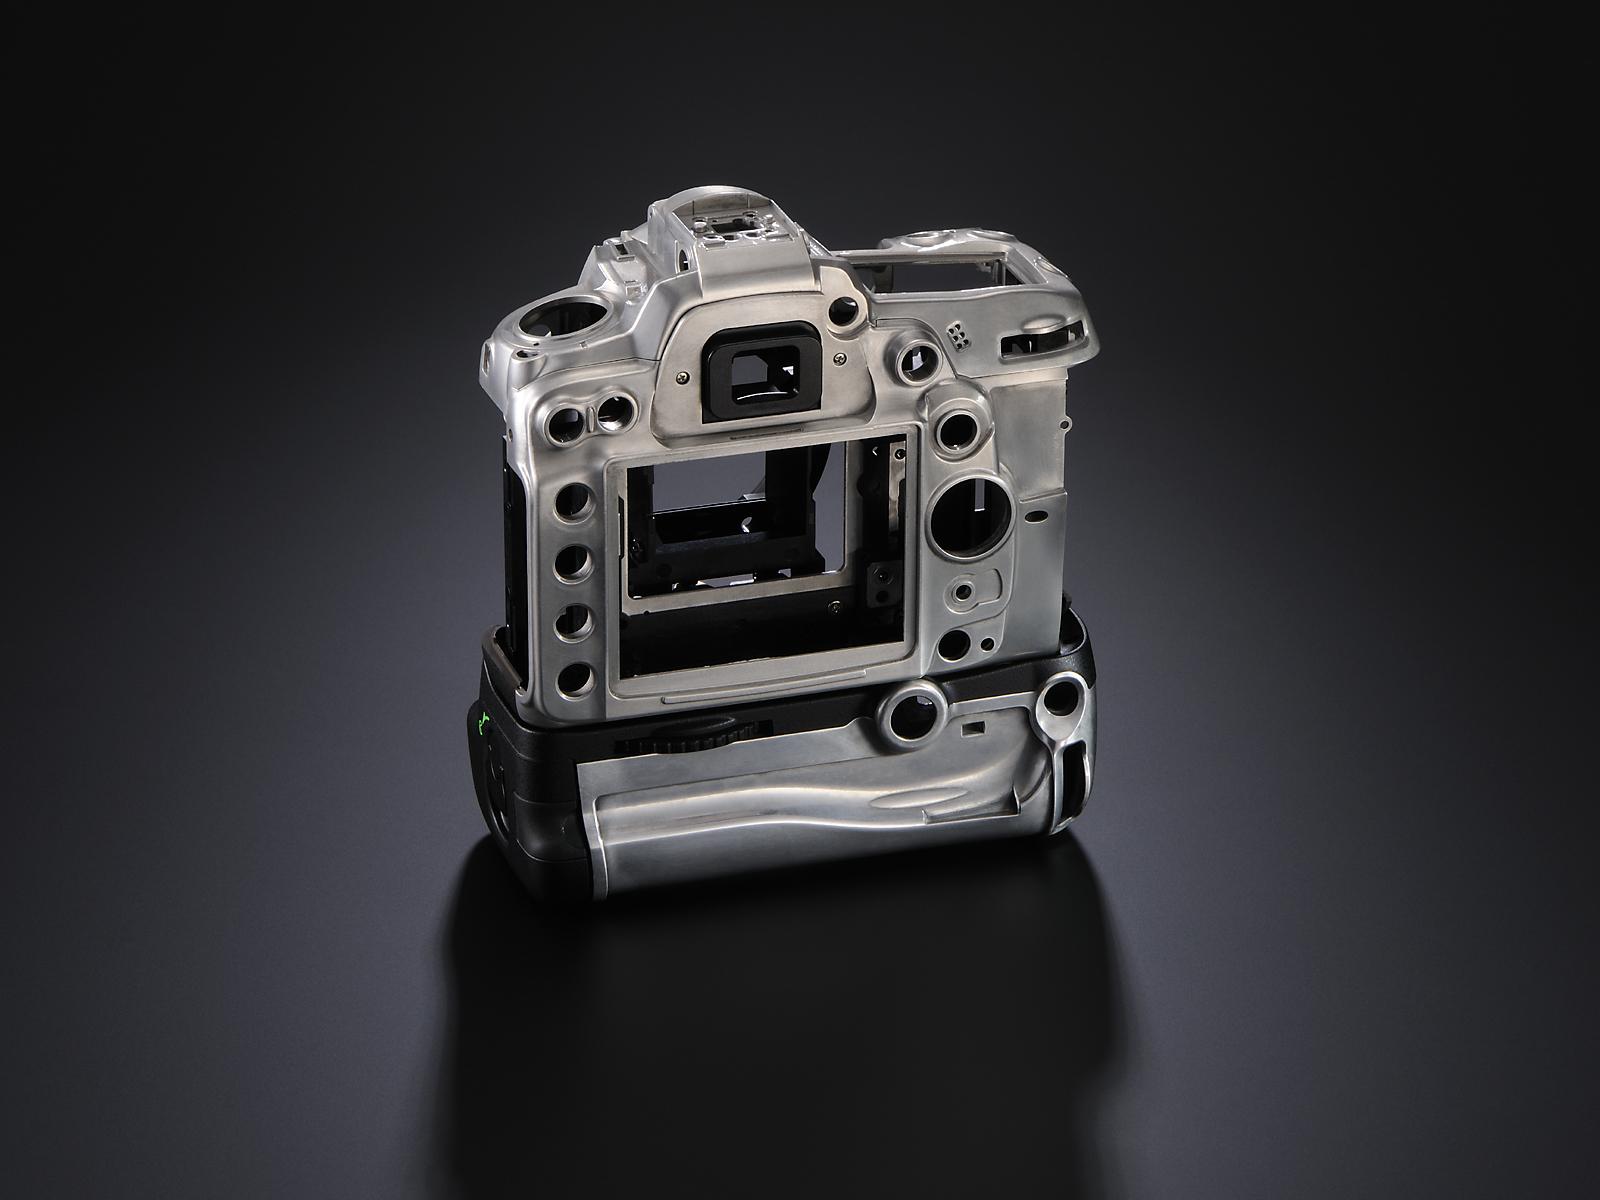 Nikon D7000 - 25